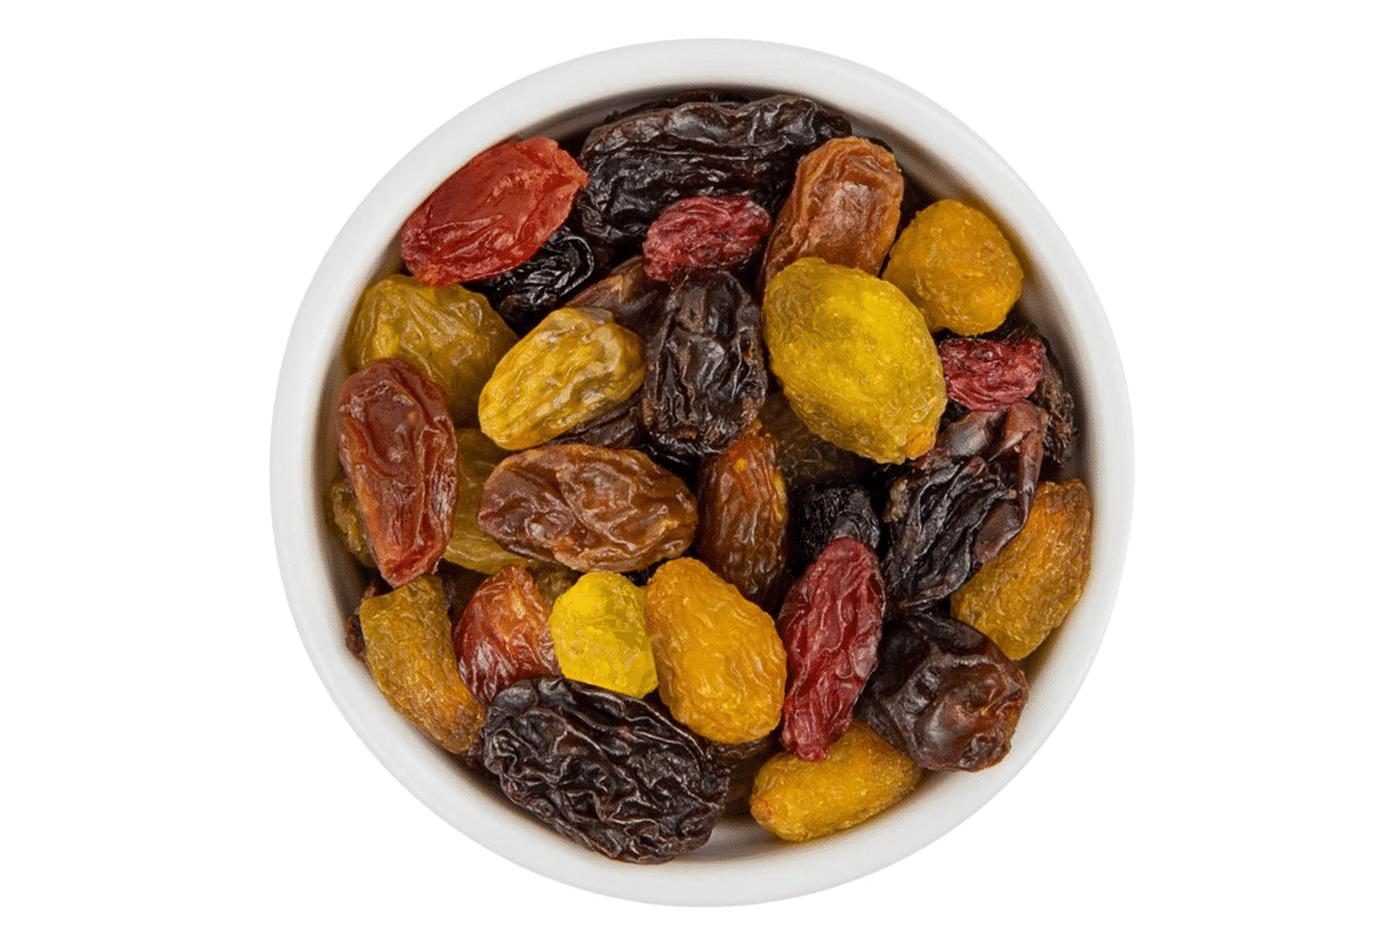 mélange de raisins secs